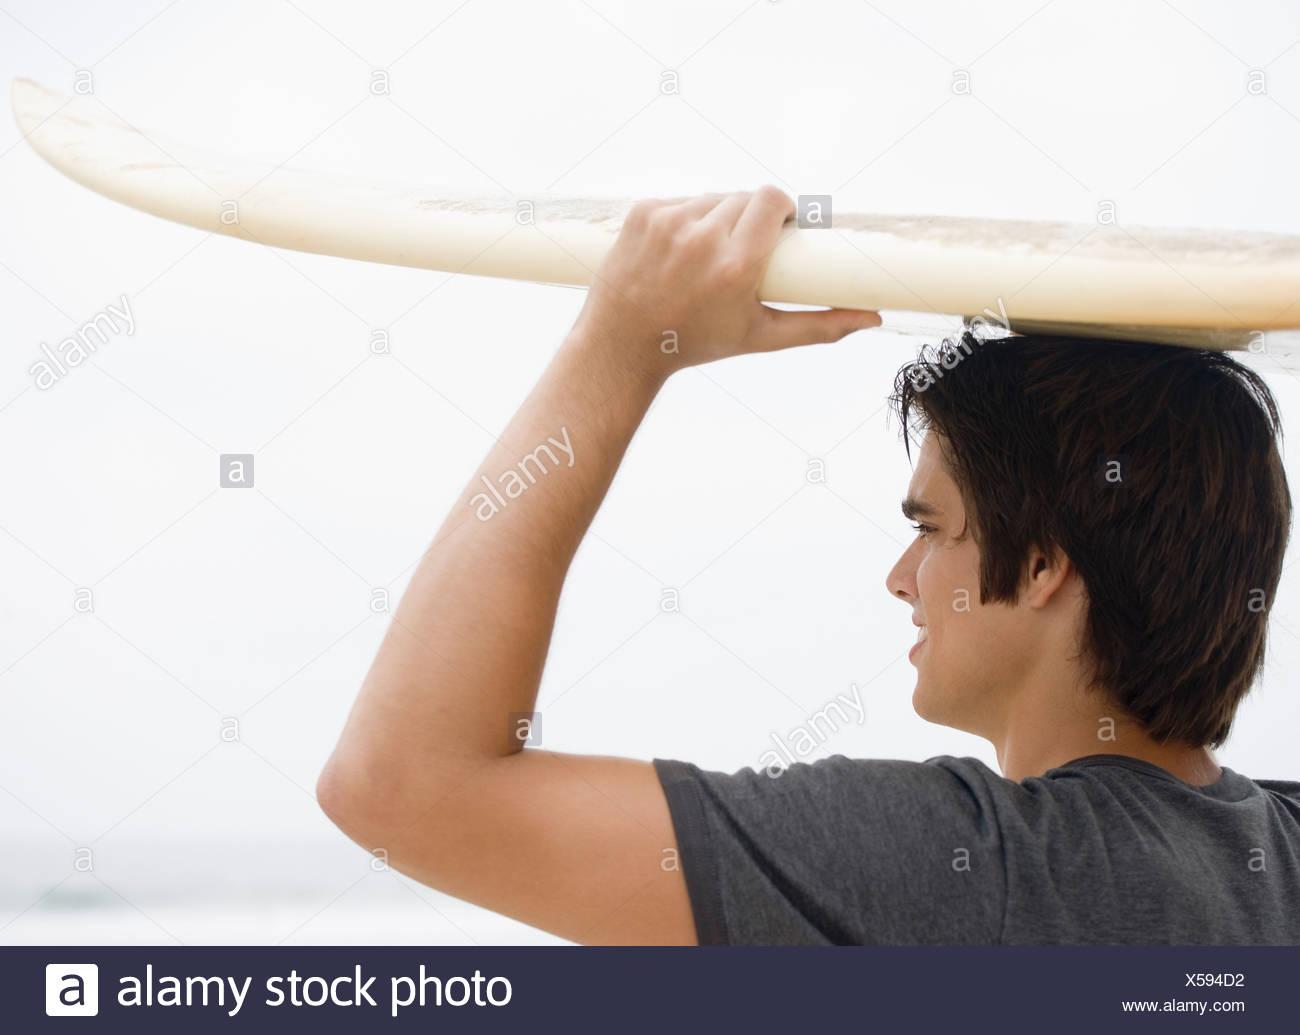 El hombre lleva las tablas de surf en la cabeza. Foto de stock